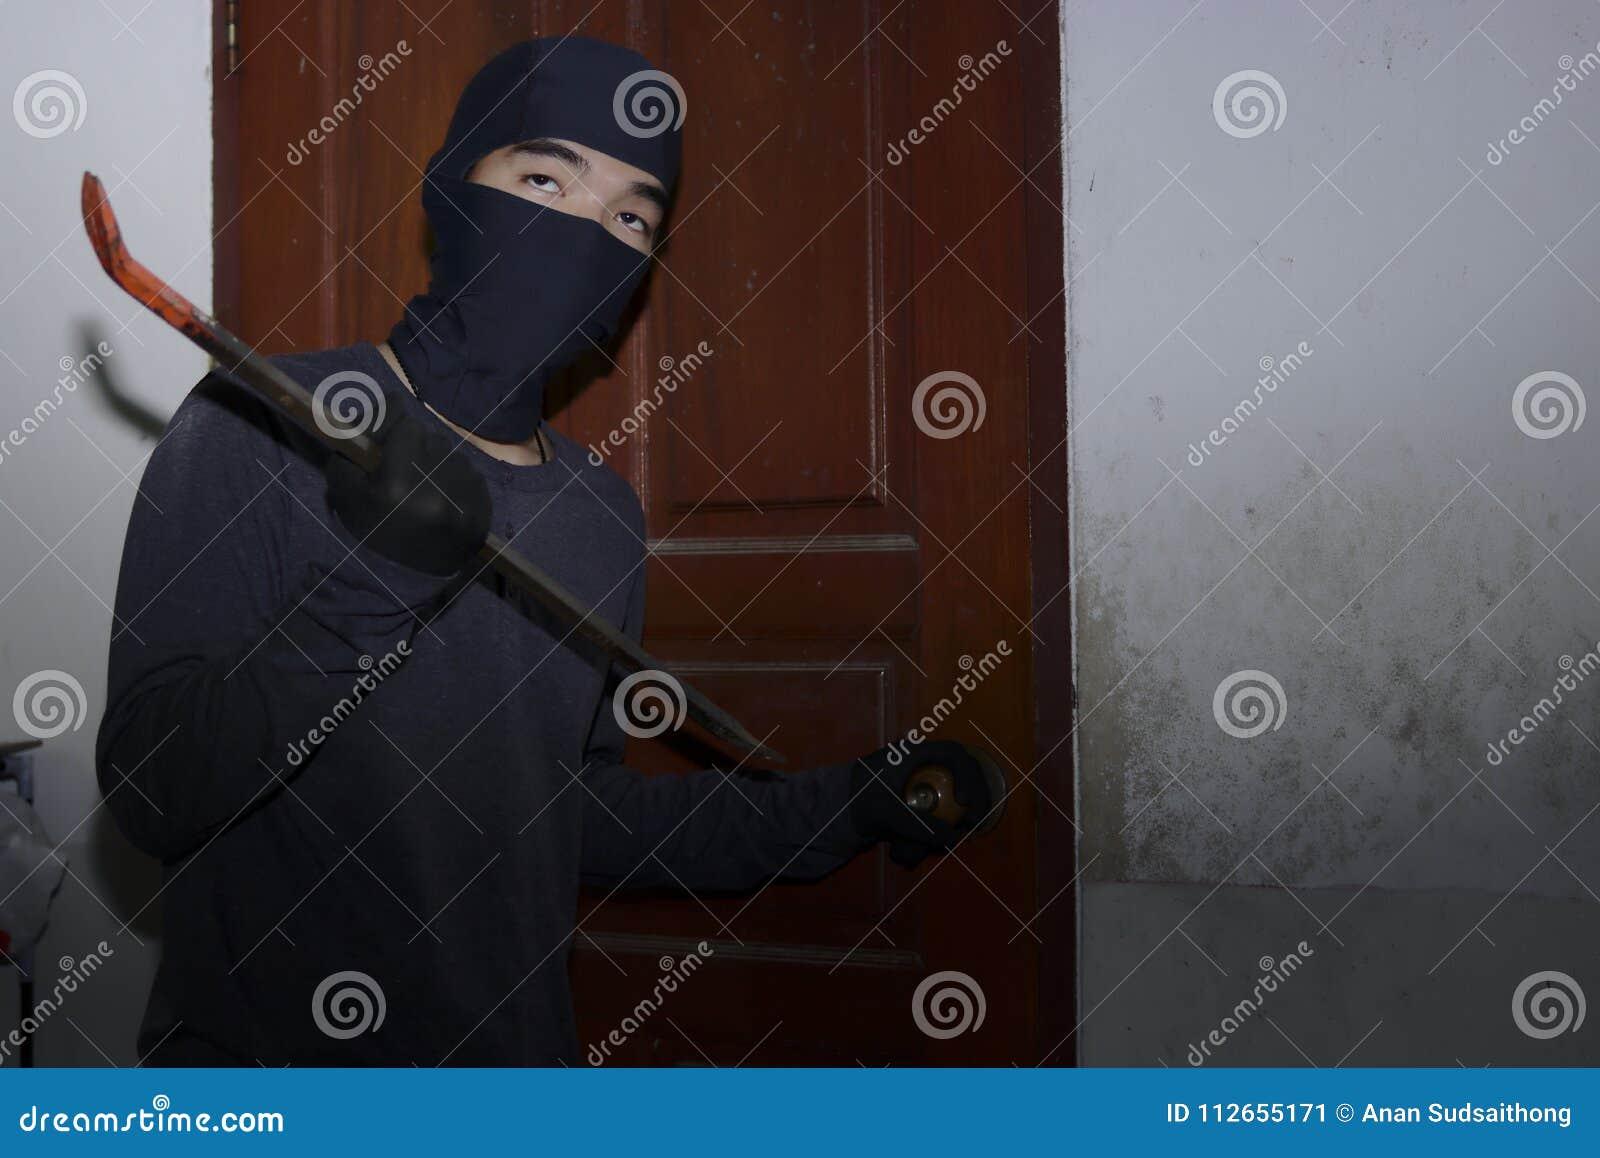 有巴拉克拉法帽的被掩没的窃贼使用对闯入的撬杠房子在夜间 砖概念罪行前面现有量苛刻的藏品手枪影子墙壁